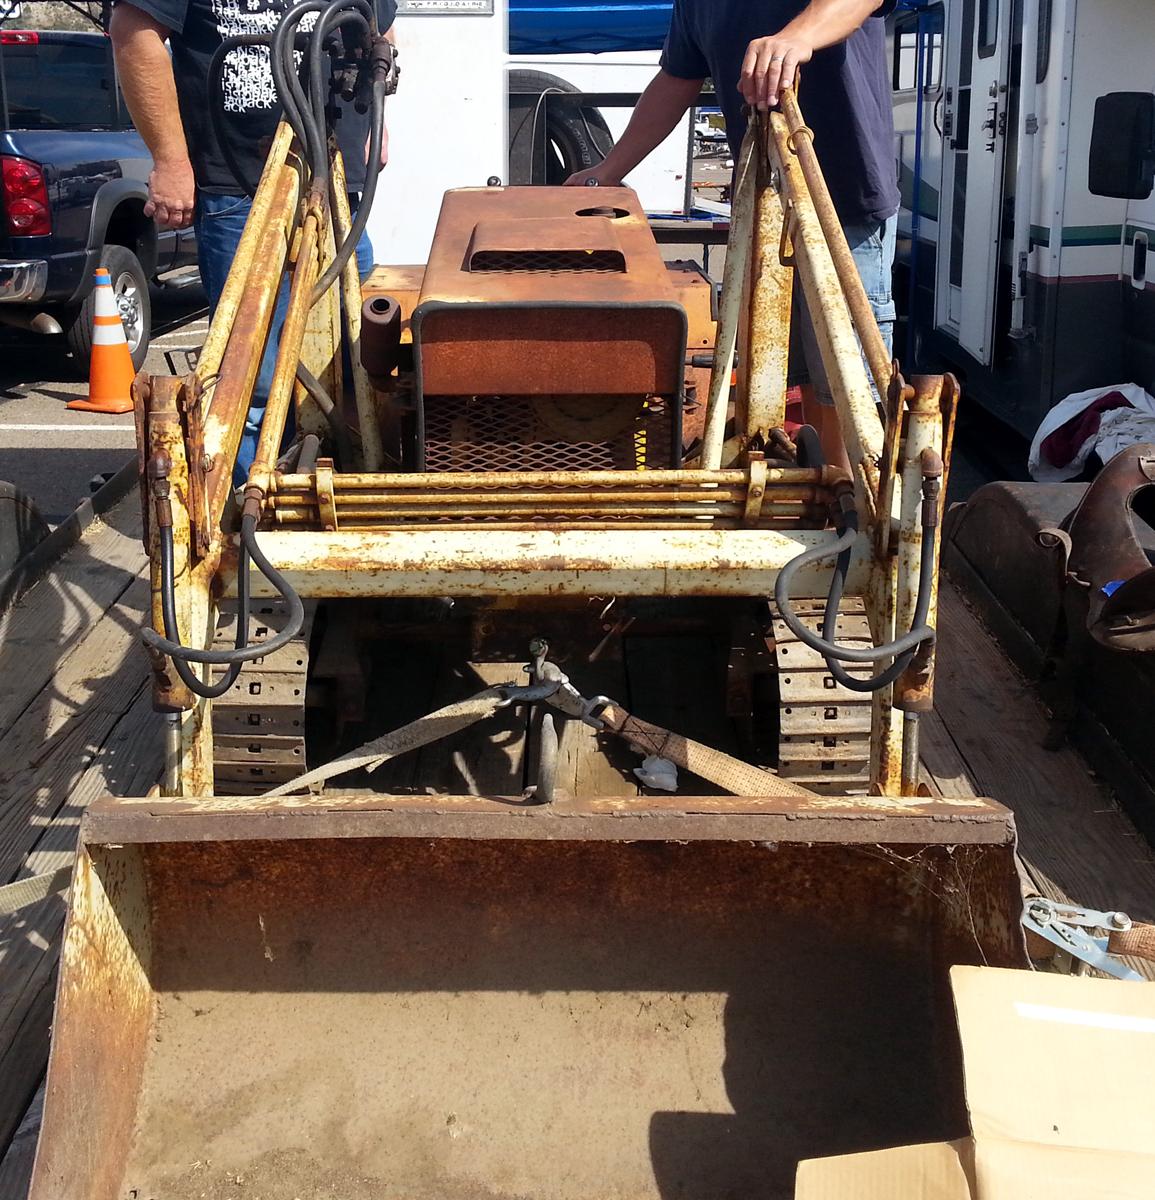 Just A Car Guy: I came across a Struck Magnatrac MT 1800